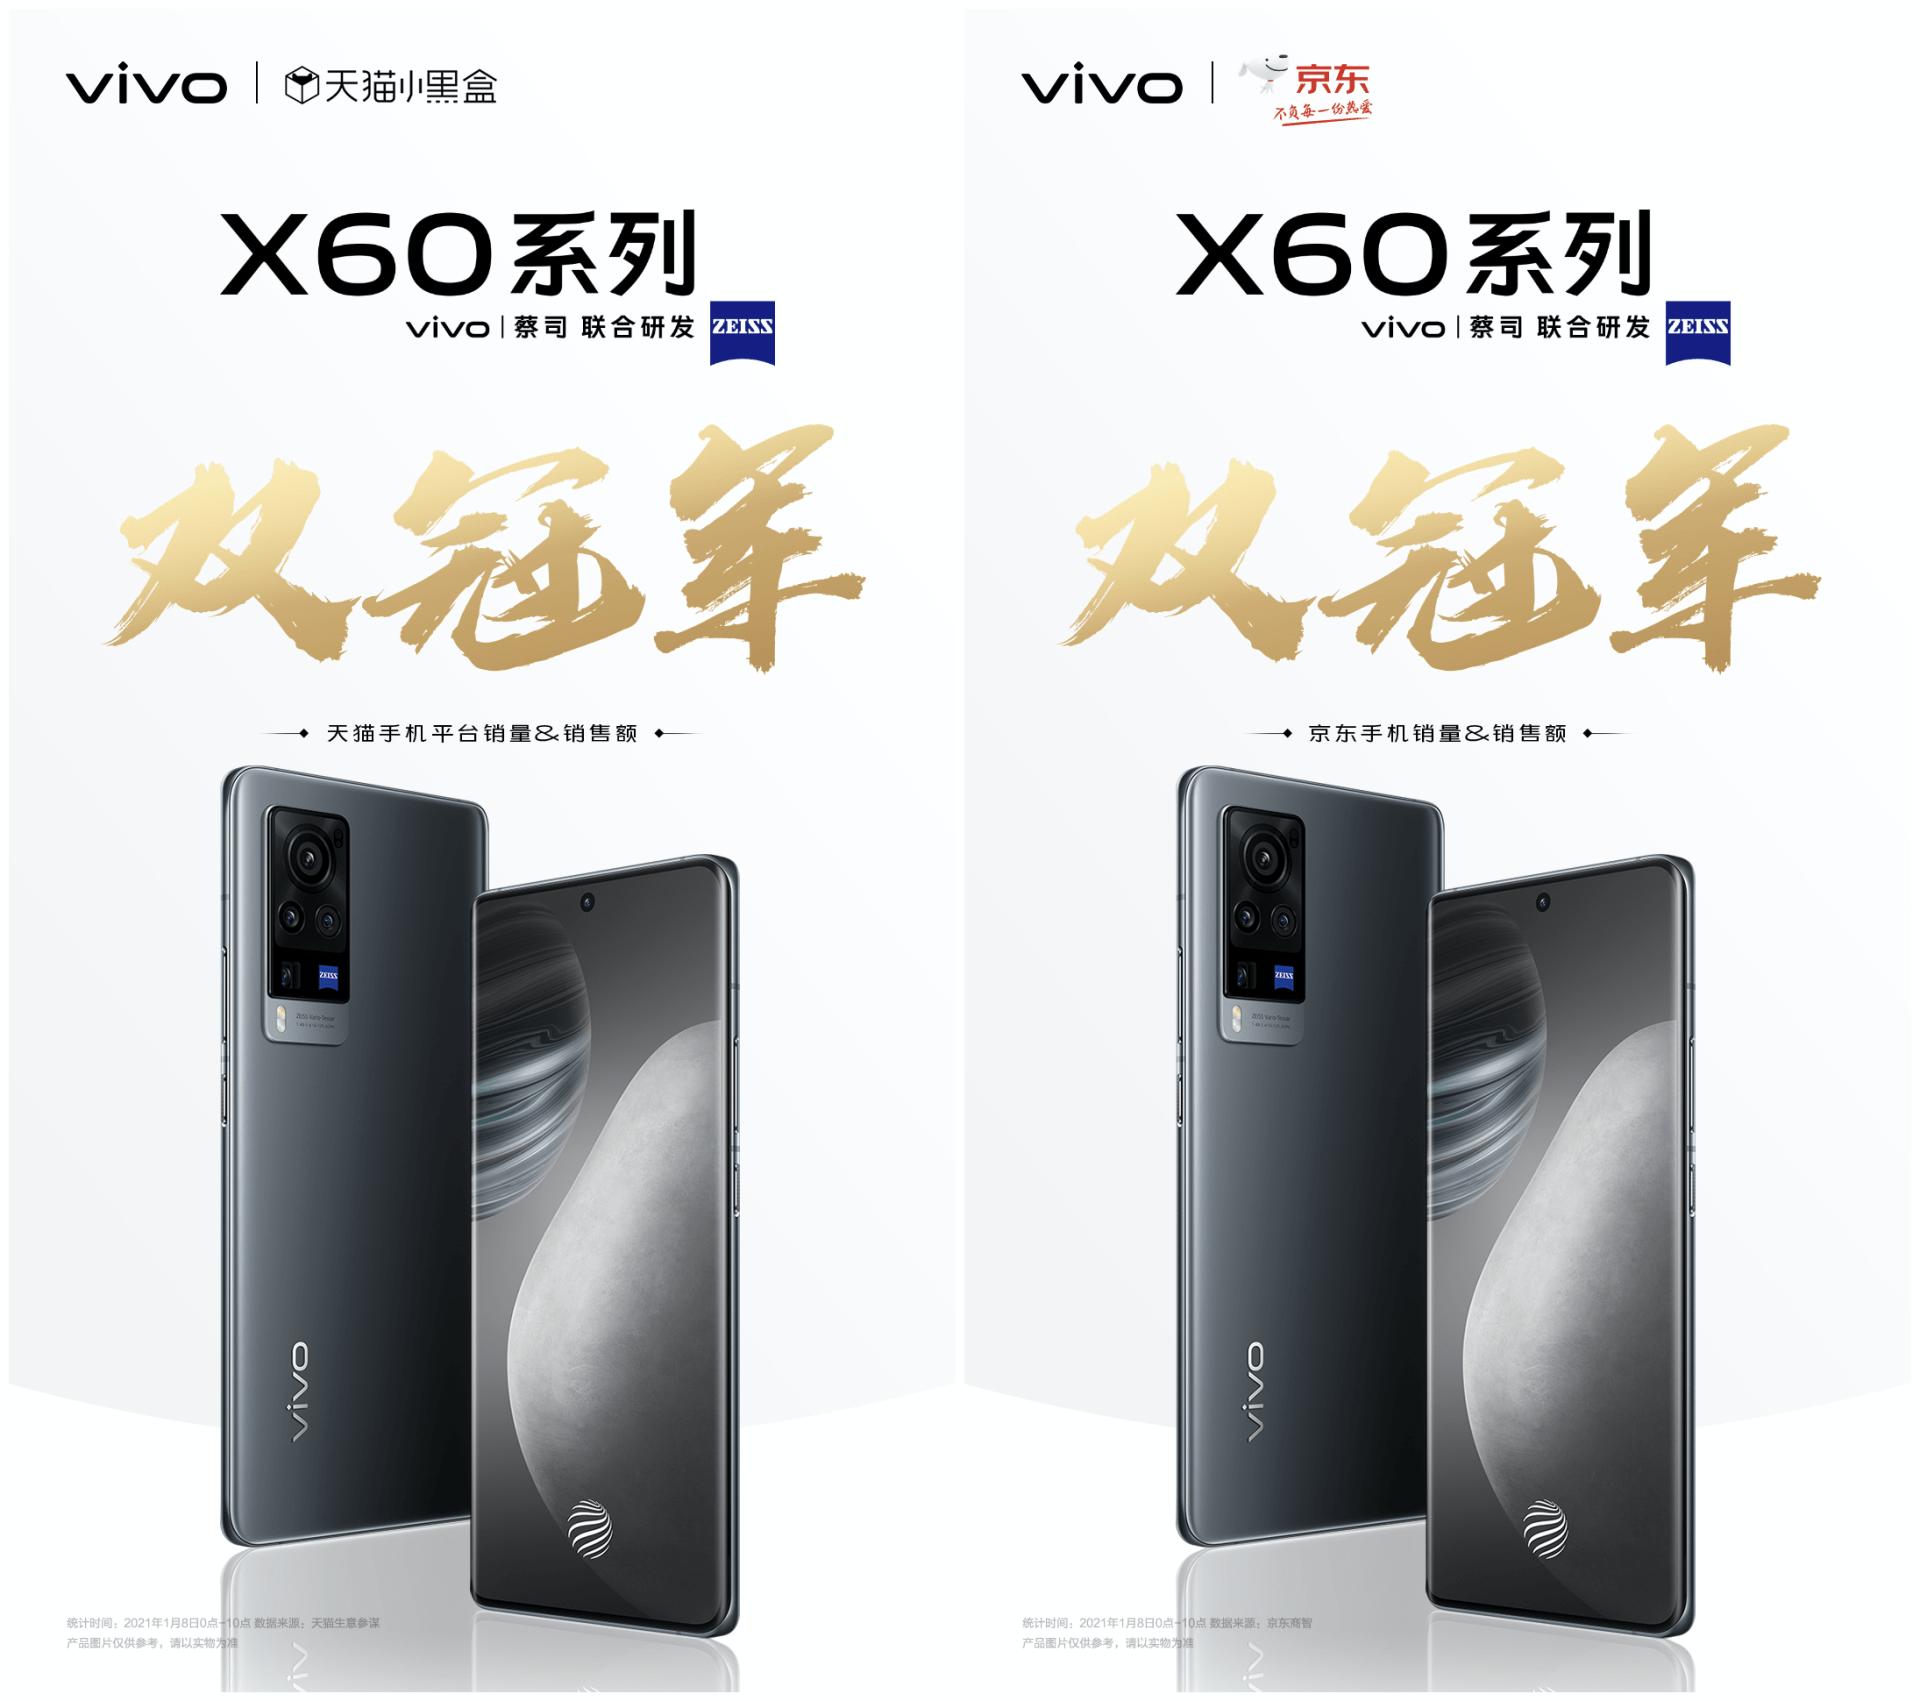 历史性的一刻,vivo X60系列第一条销售线断货,线下店铺爆满